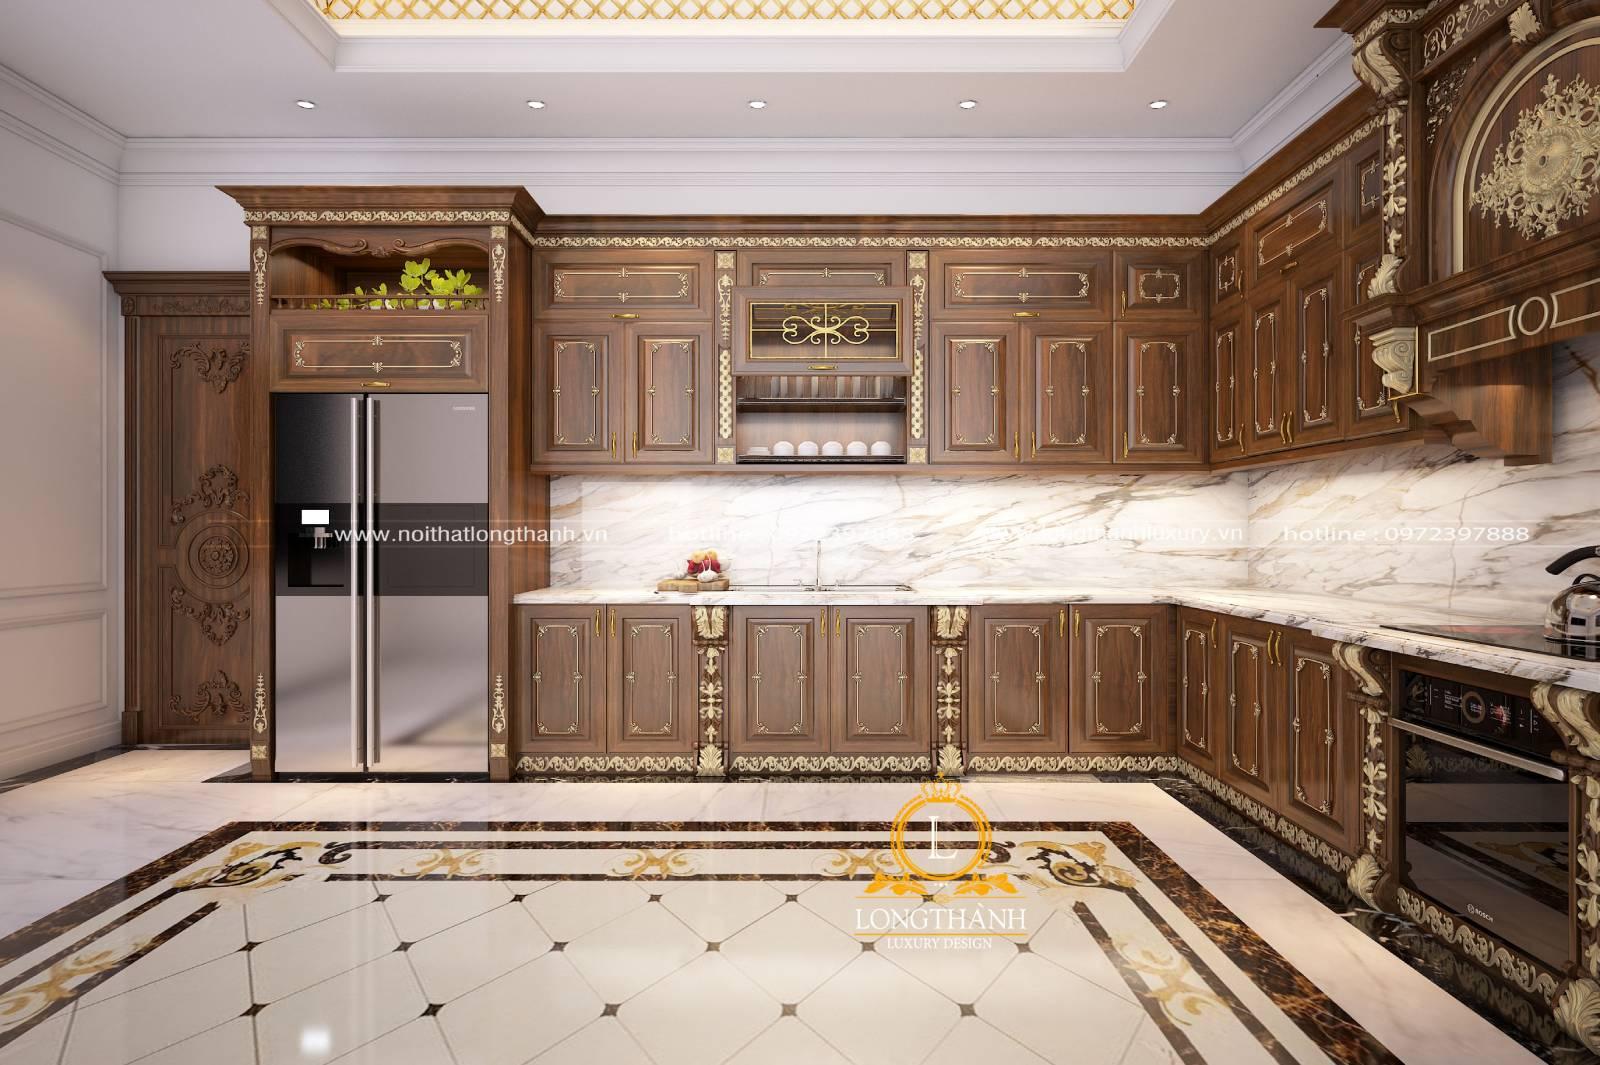 Thiết kế nội thất tủ bếp gỗ gõ LT03 phong cách tân cổ điển